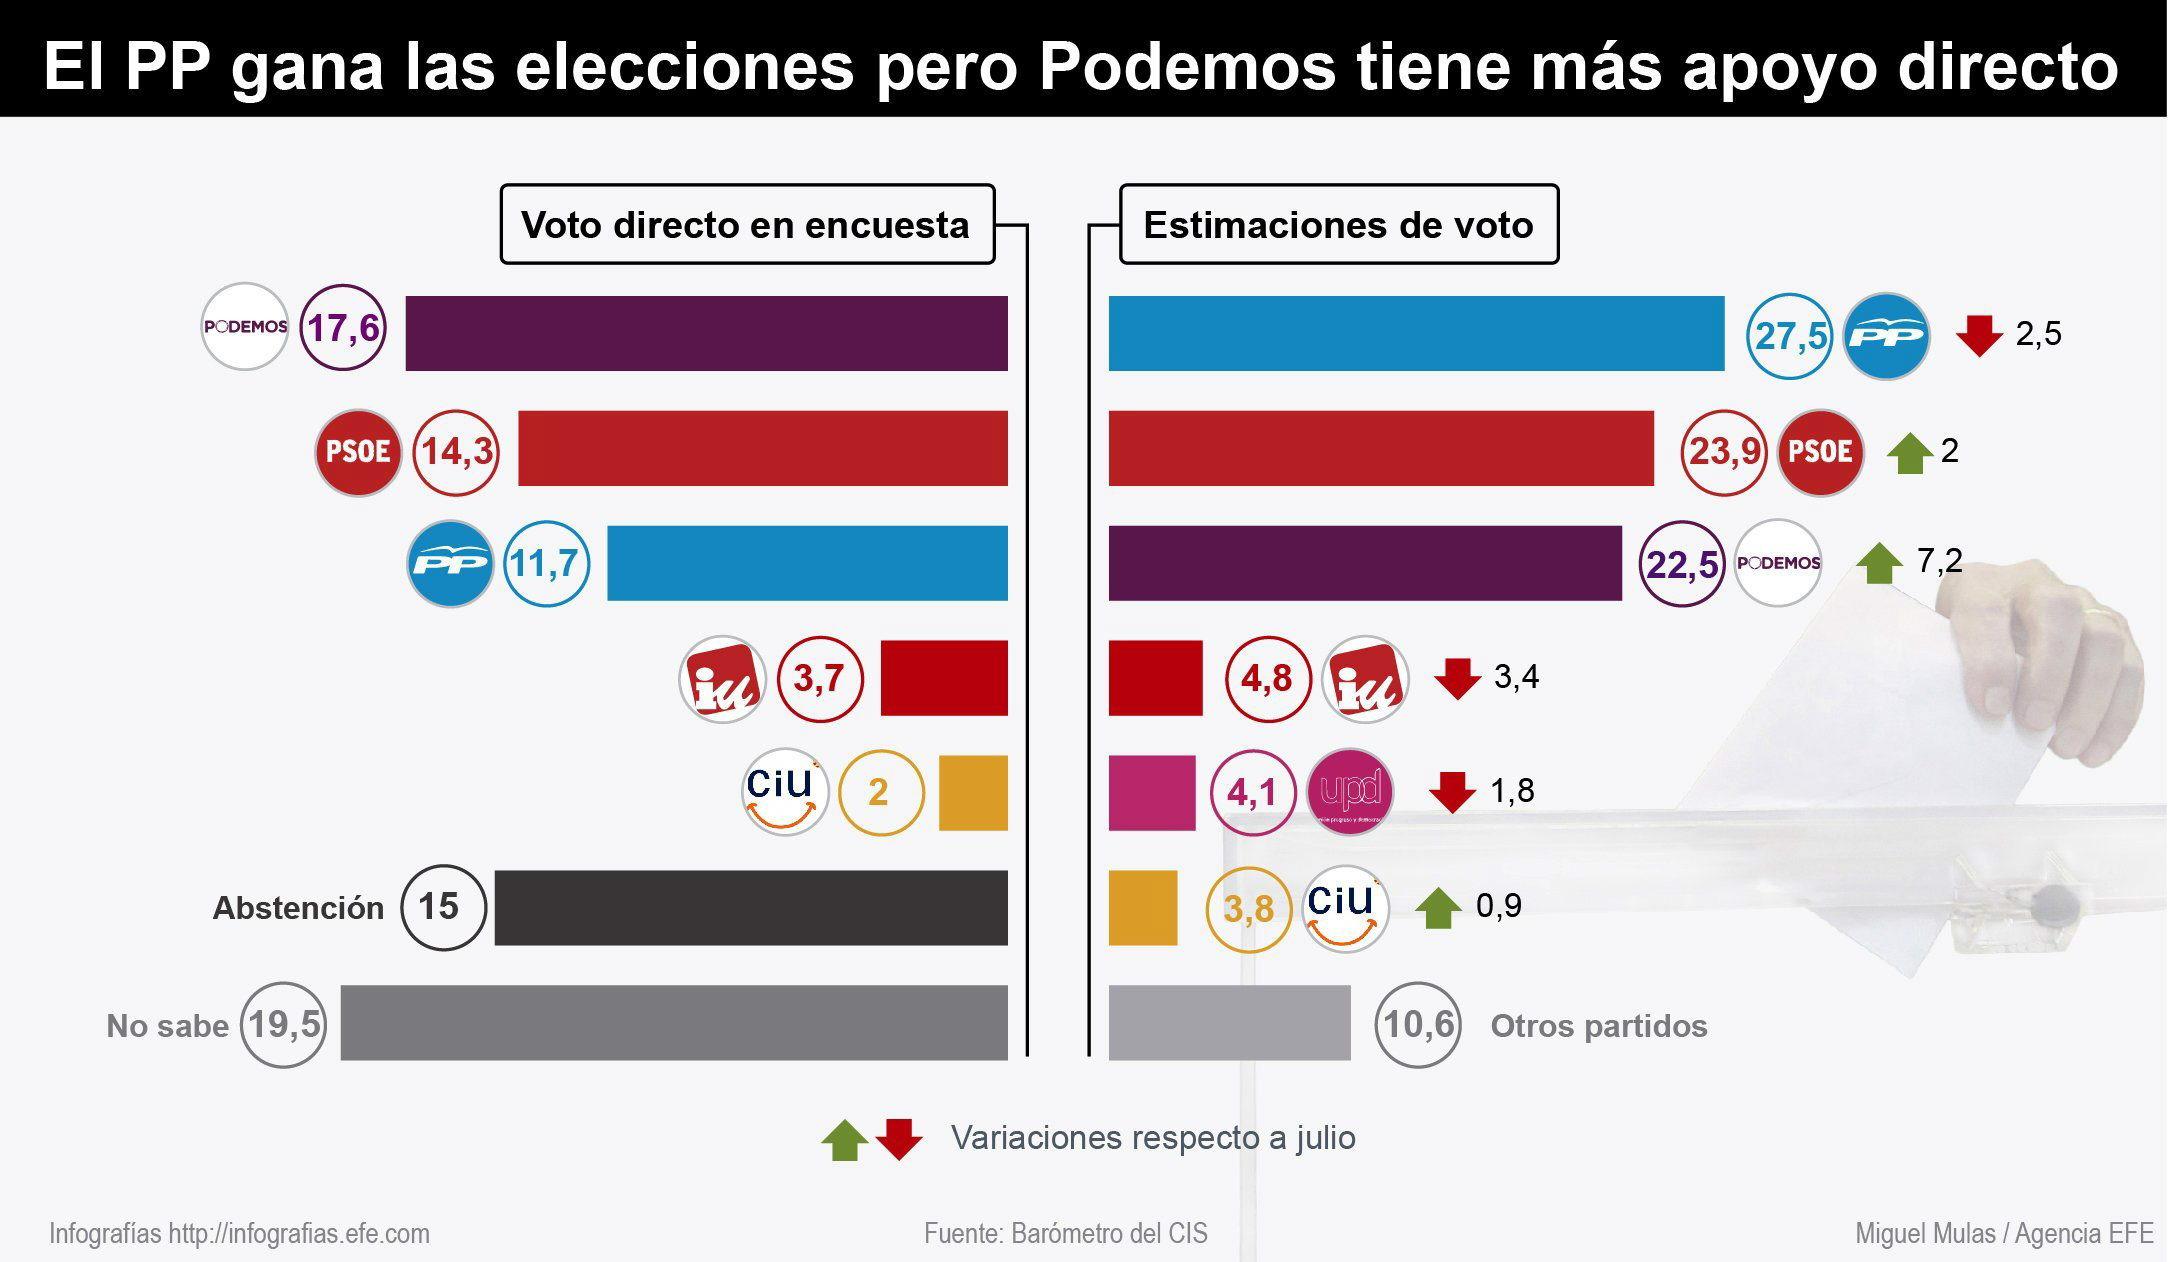 EL PP GANA LAS ELECCIONES PERO PODEMOS TIENE MÁS APOYO DIRECTO, SEGÚN EL CIS